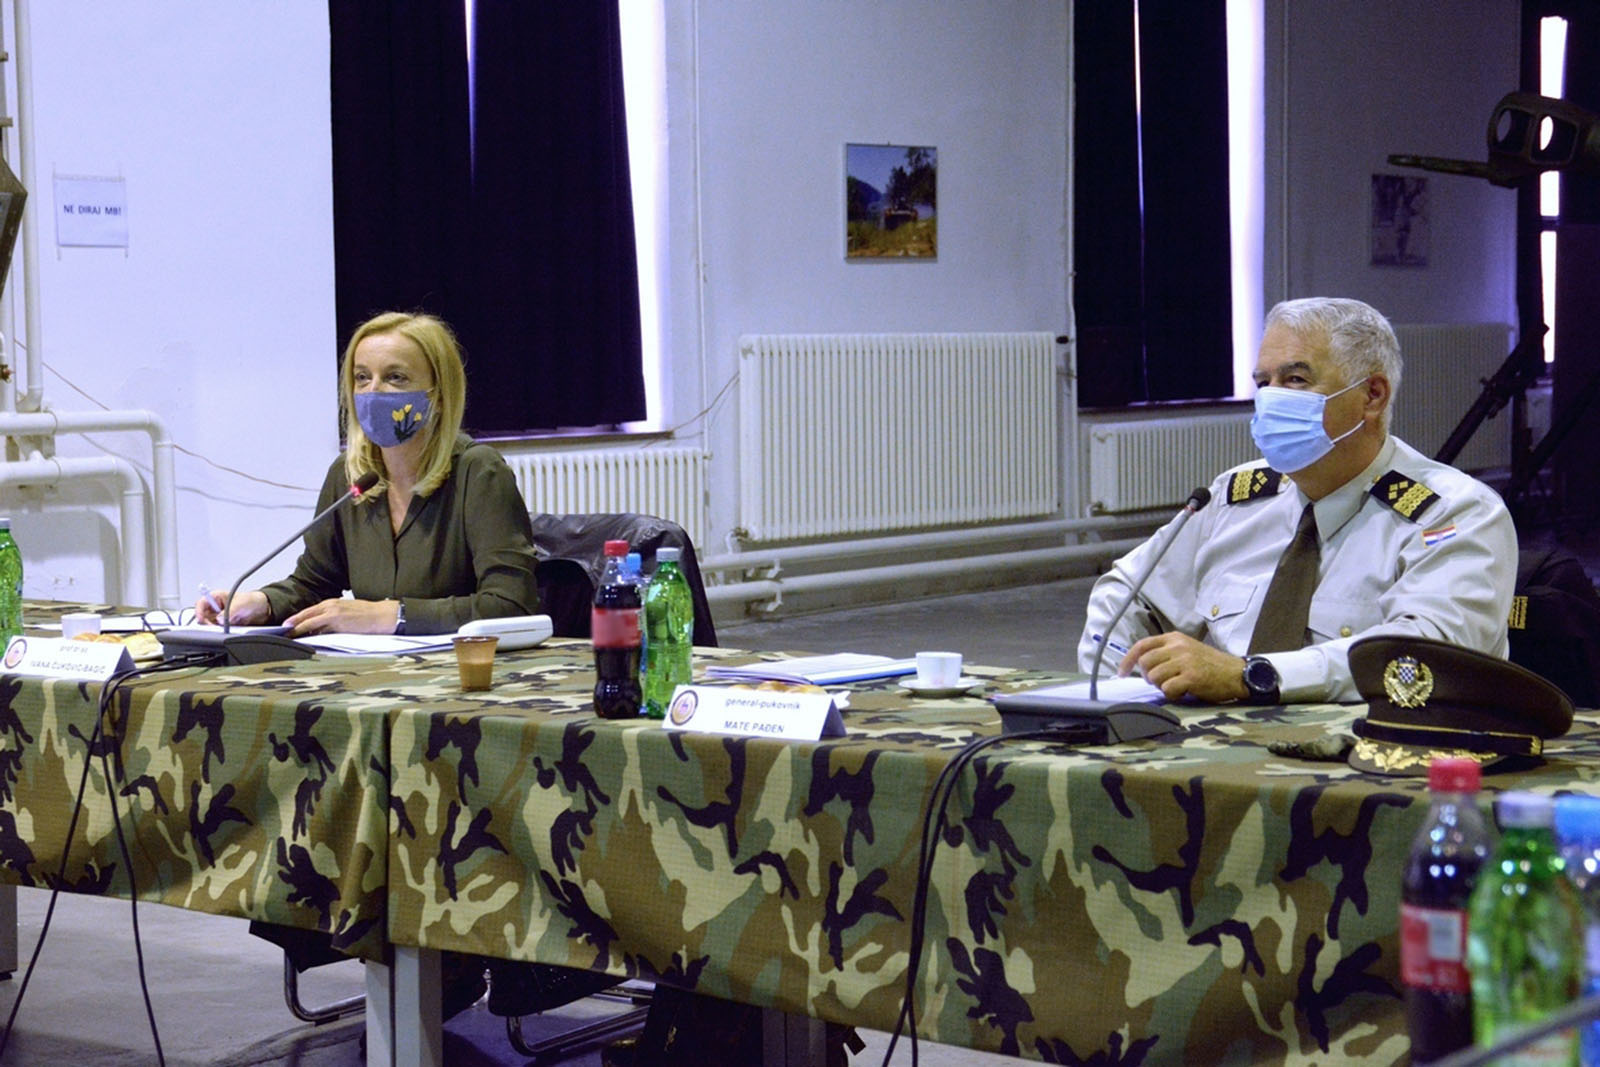 Na HVU održane sjednice zajedničkih Vijeća preddiplomskih i diplomskih studija